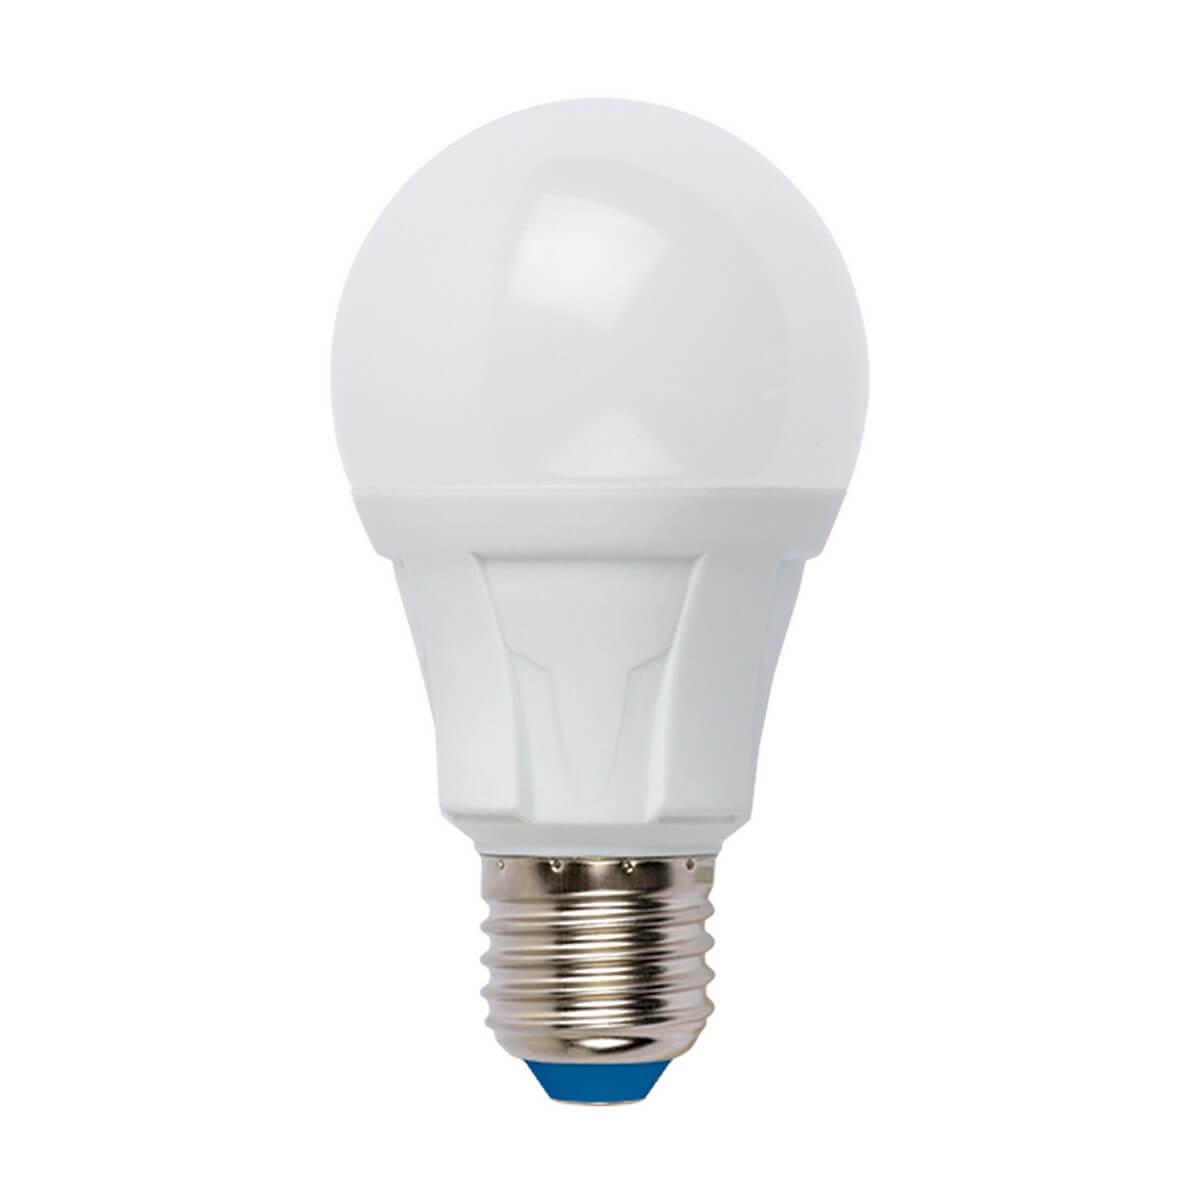 цена Лампа светодиодная диммируемая (UL-00004285) E27 10W 6500K матовая LED-A60 10W/6500K/E27/FR/DIM PLP01WH онлайн в 2017 году